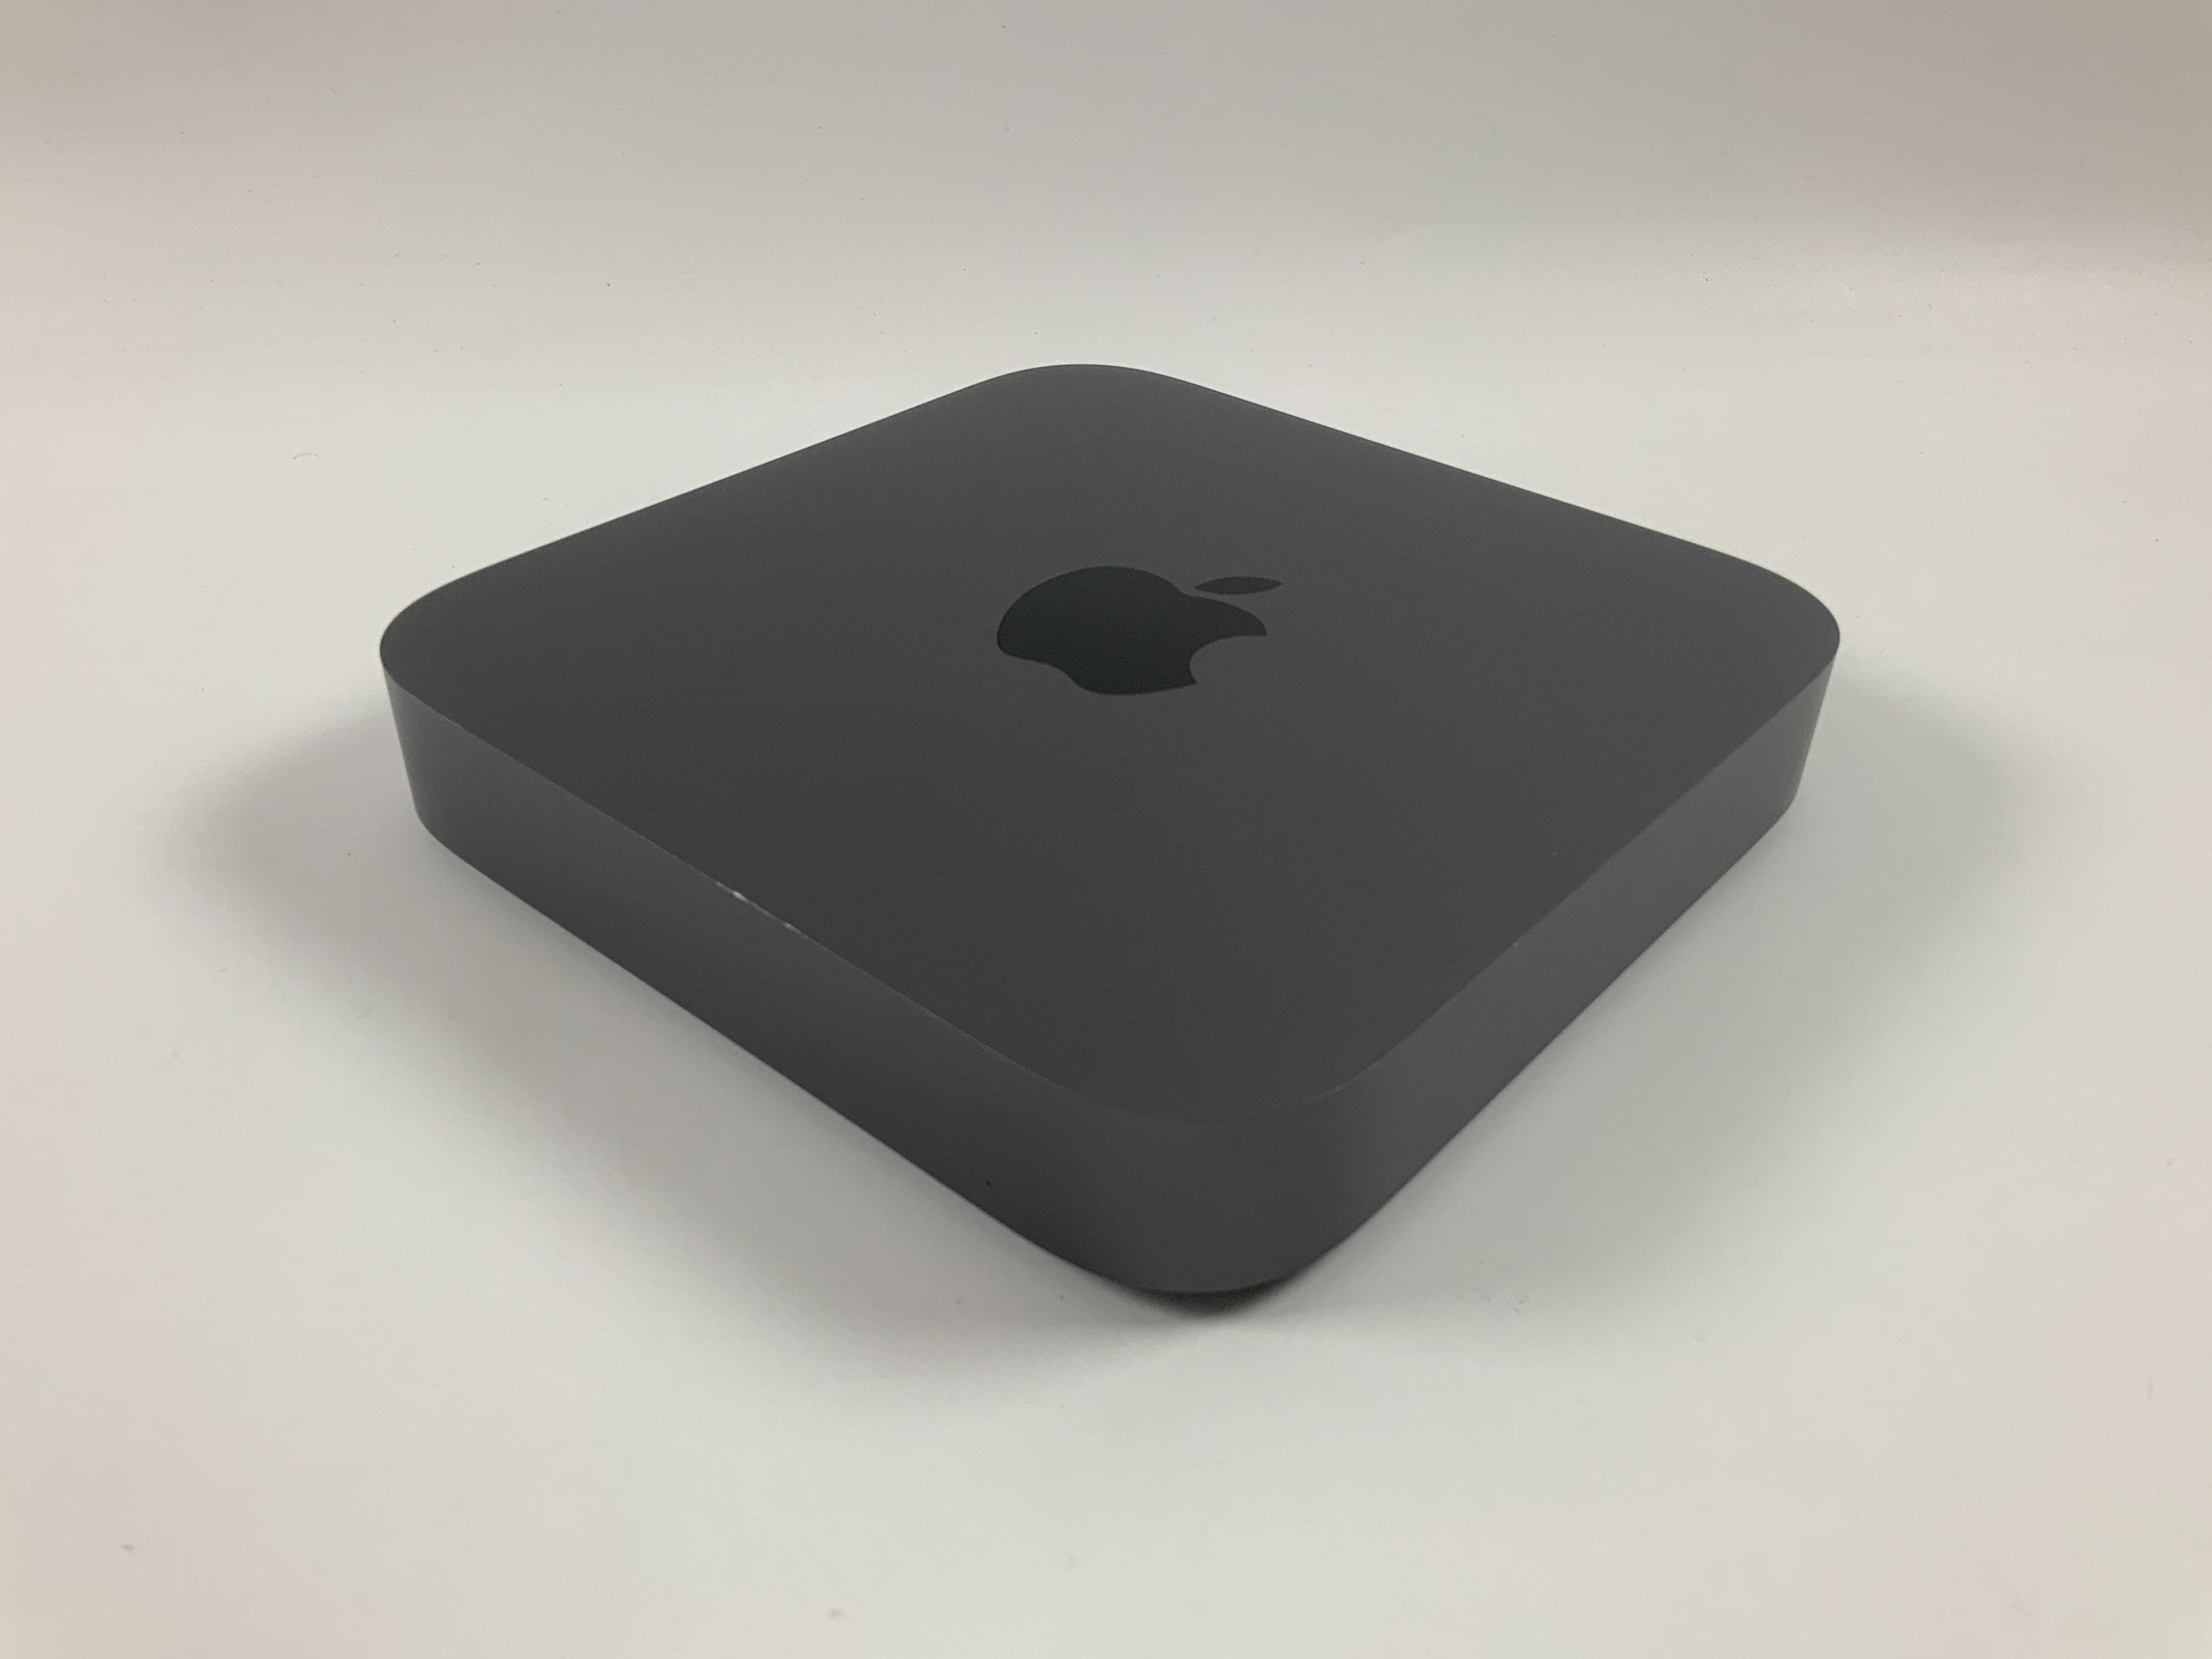 Mac Mini Late 2018 (Intel Quad-Core i3 3.6 GHz 8 GB RAM 128 GB SSD), Intel Quad-Core i3 3.6 GHz, 8 GB RAM, 128 GB SSD, image 4